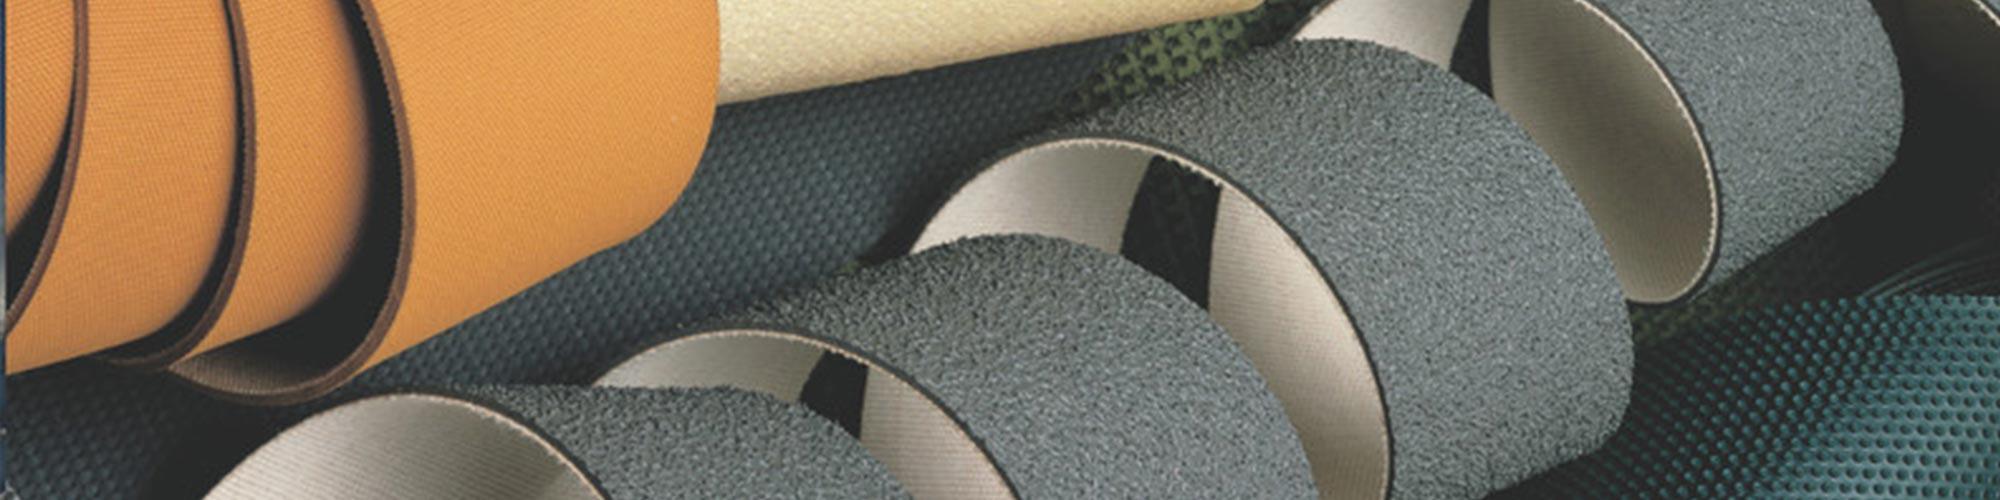 Покрытия на валы и ролики